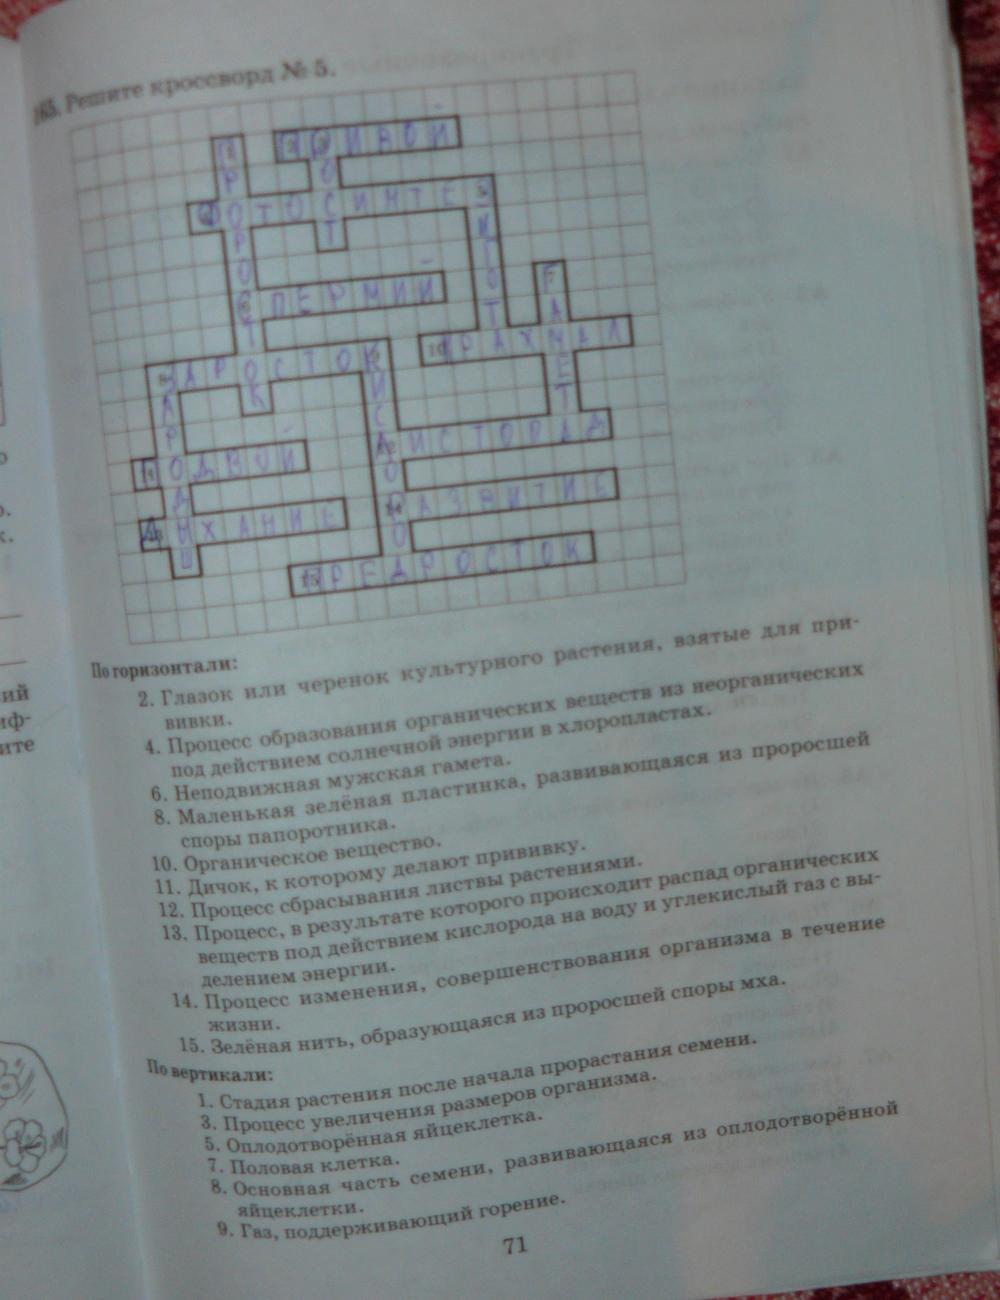 Решебник биология 6 класс рабочая тетрадь пасечник дрофа